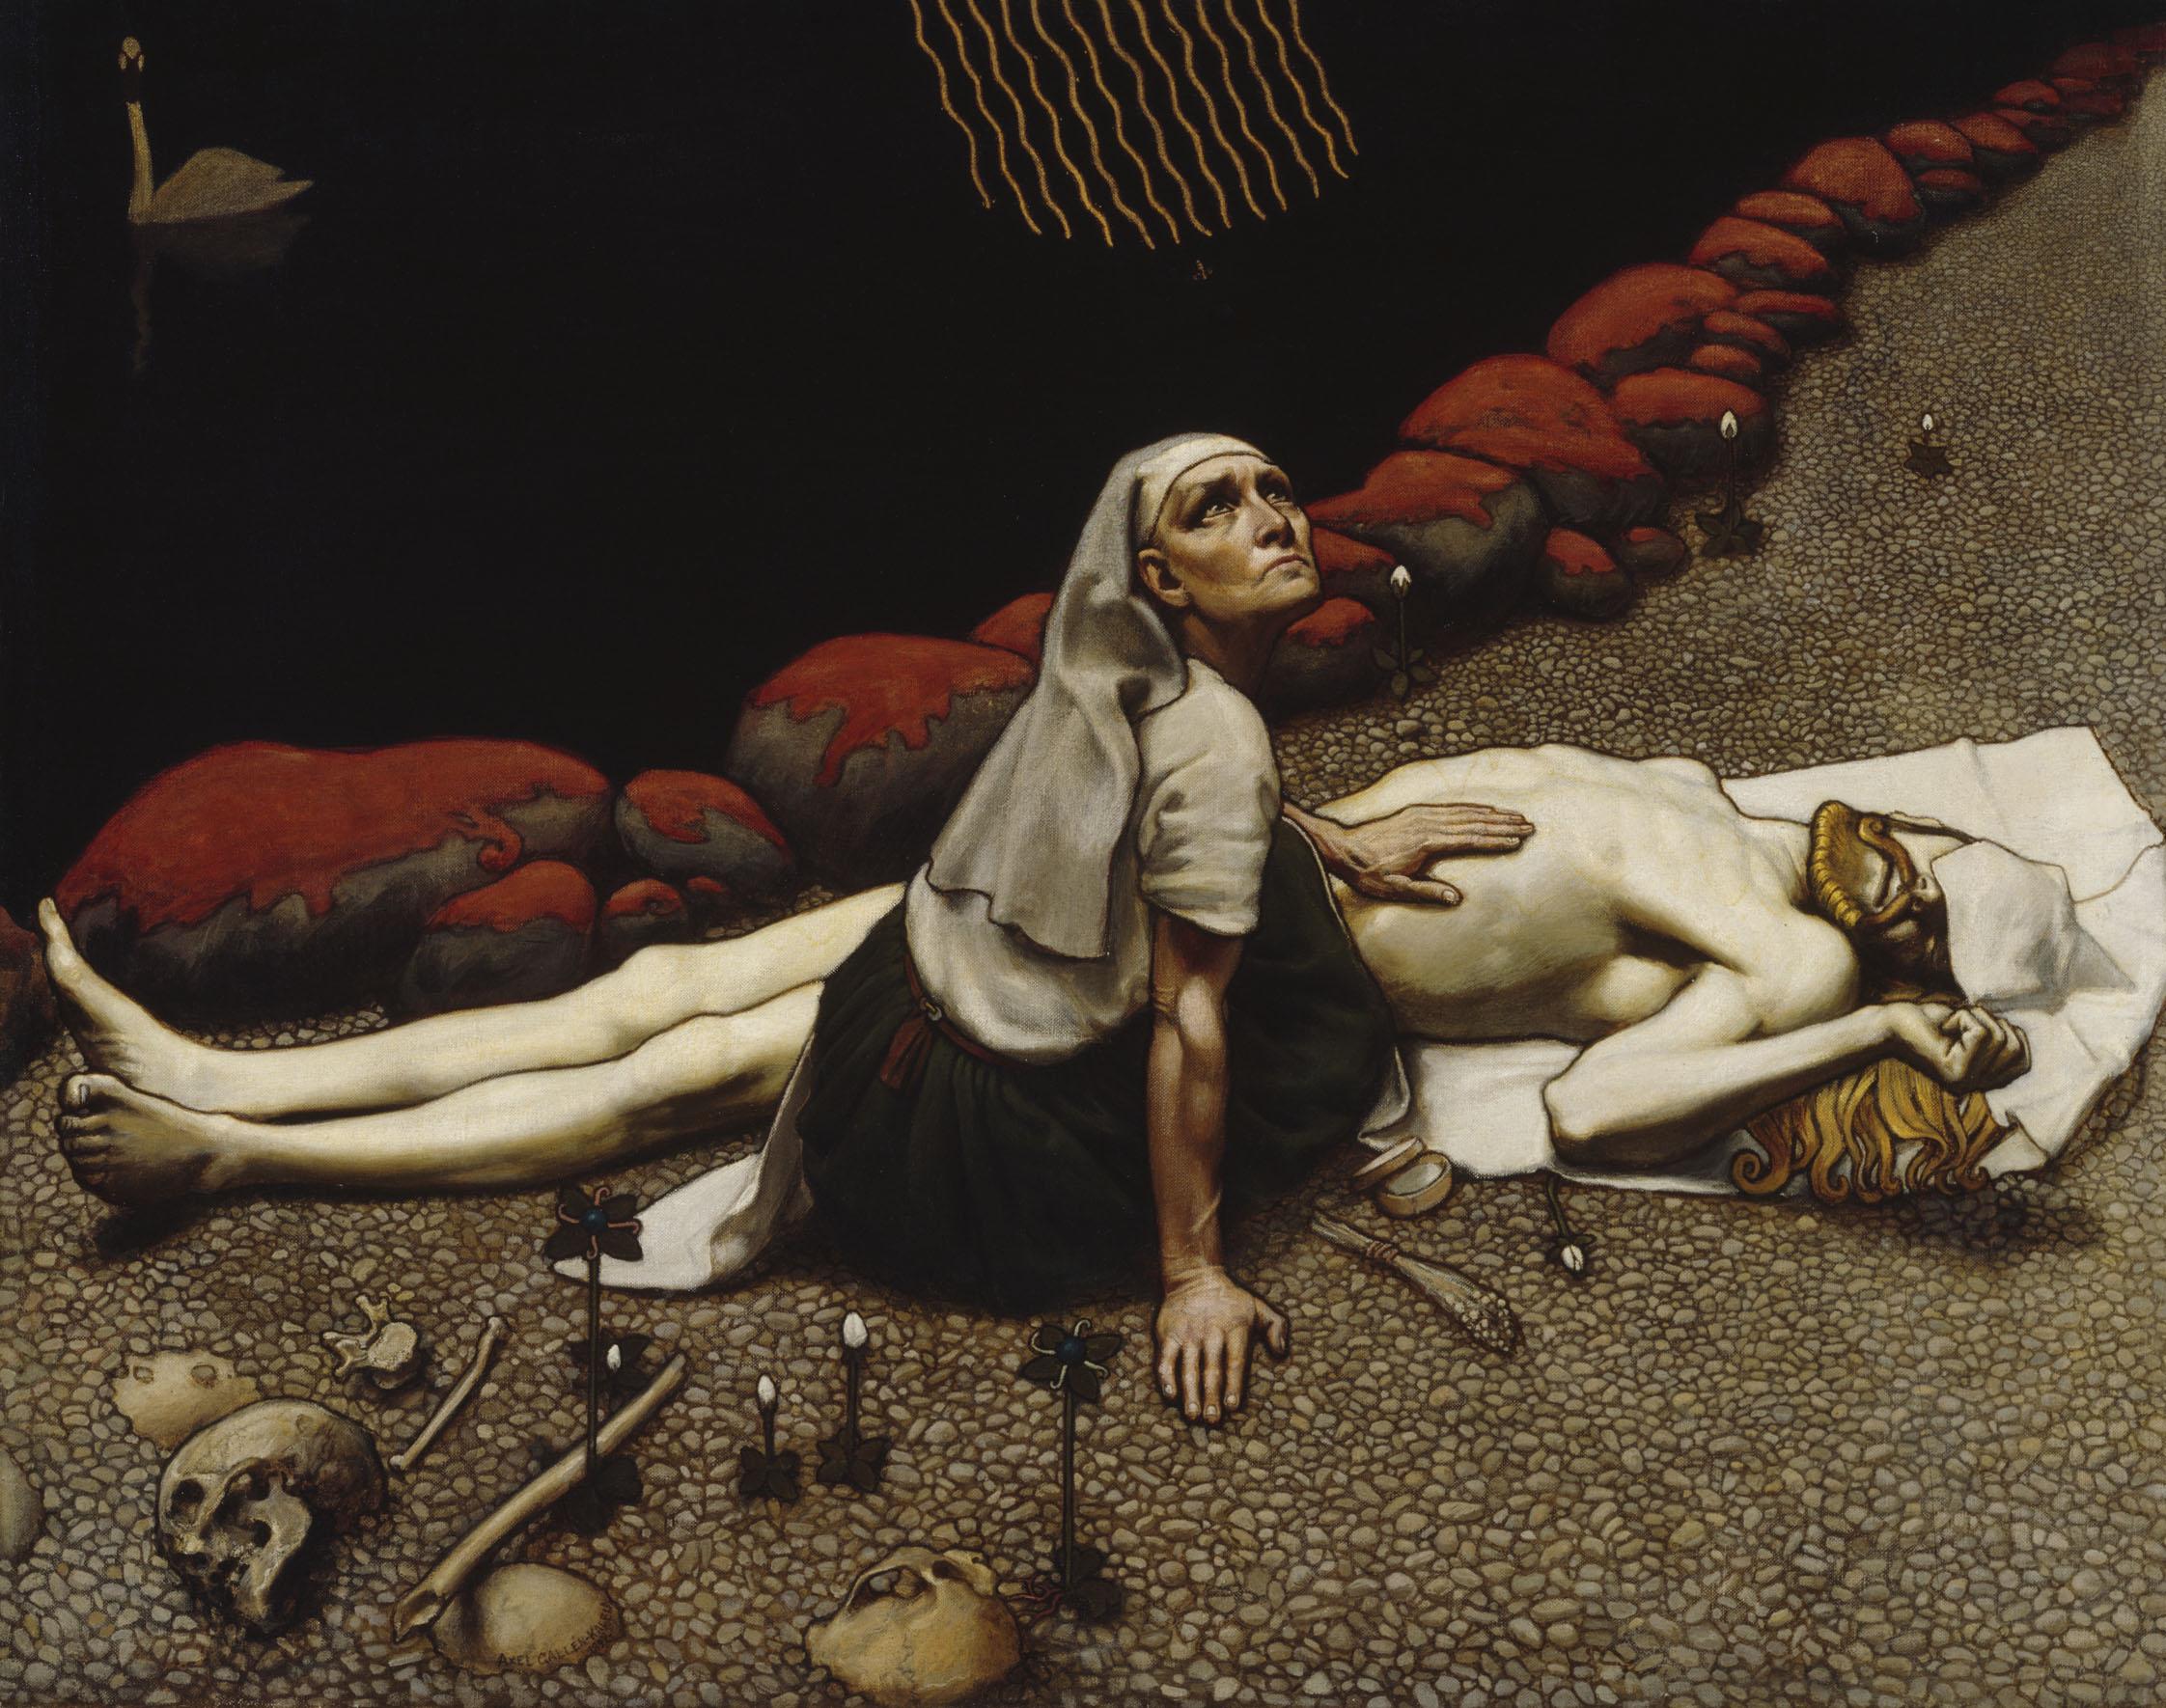 De moeder van Lemminkainen (Gallen-Kallela)